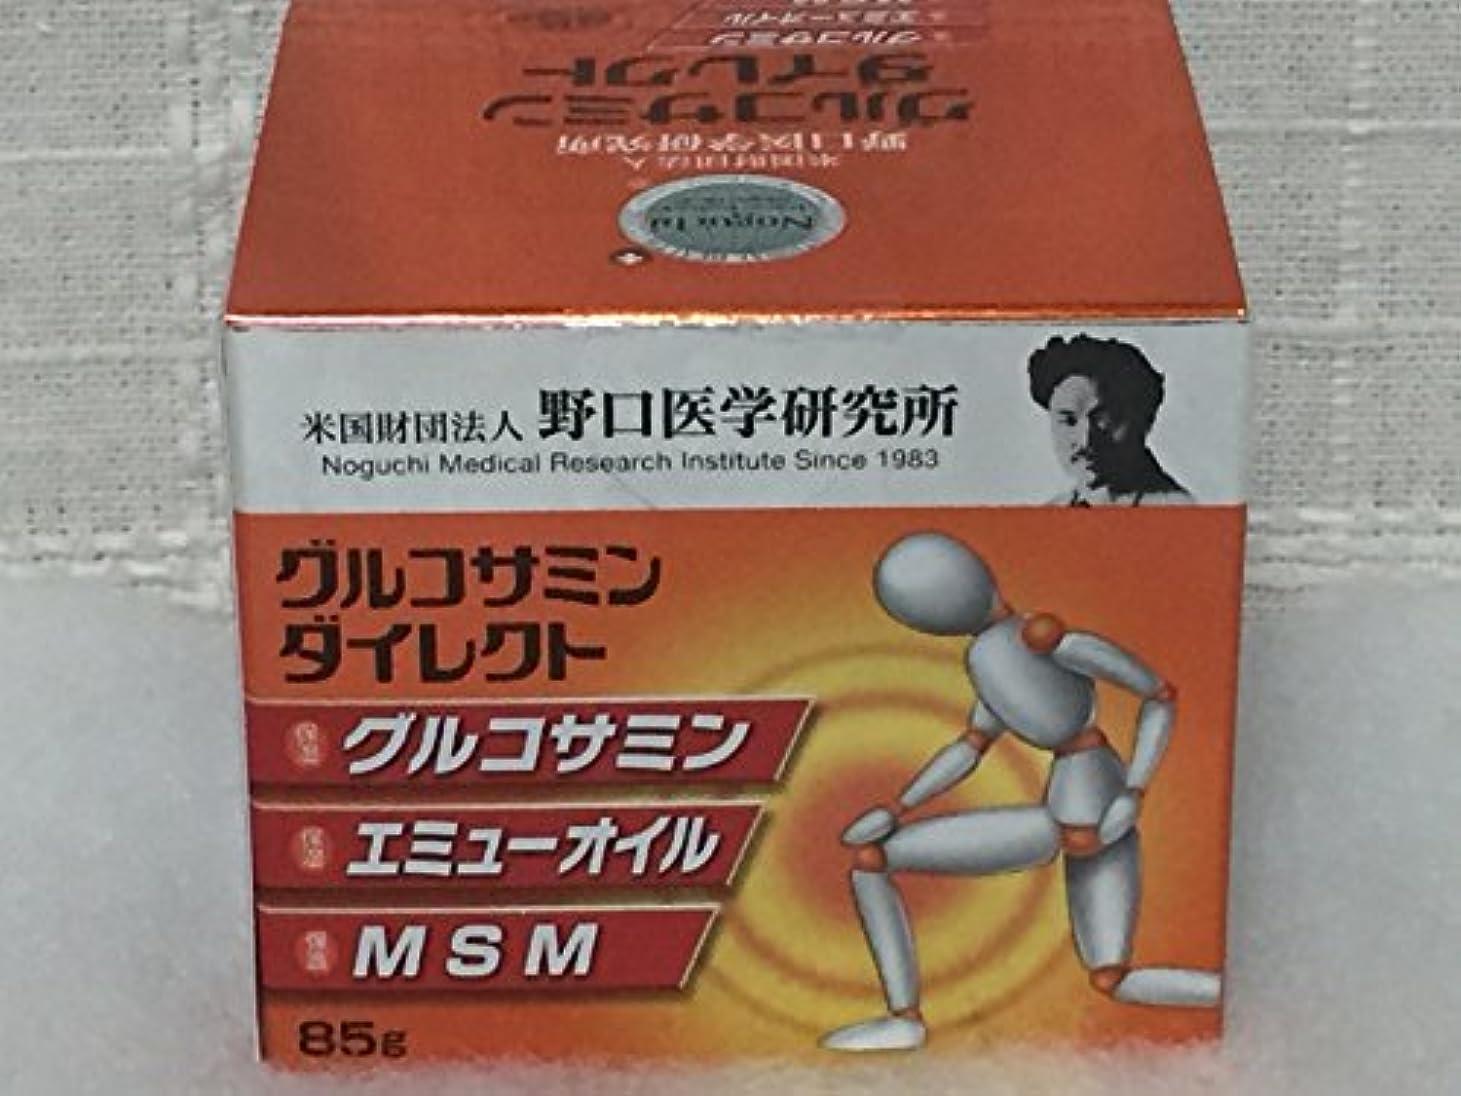 吸収剤効果優勢グルコサミンダイレクト 85g 1個 塗るGダイレクト (エミューオイル&MSM配合クリーム)